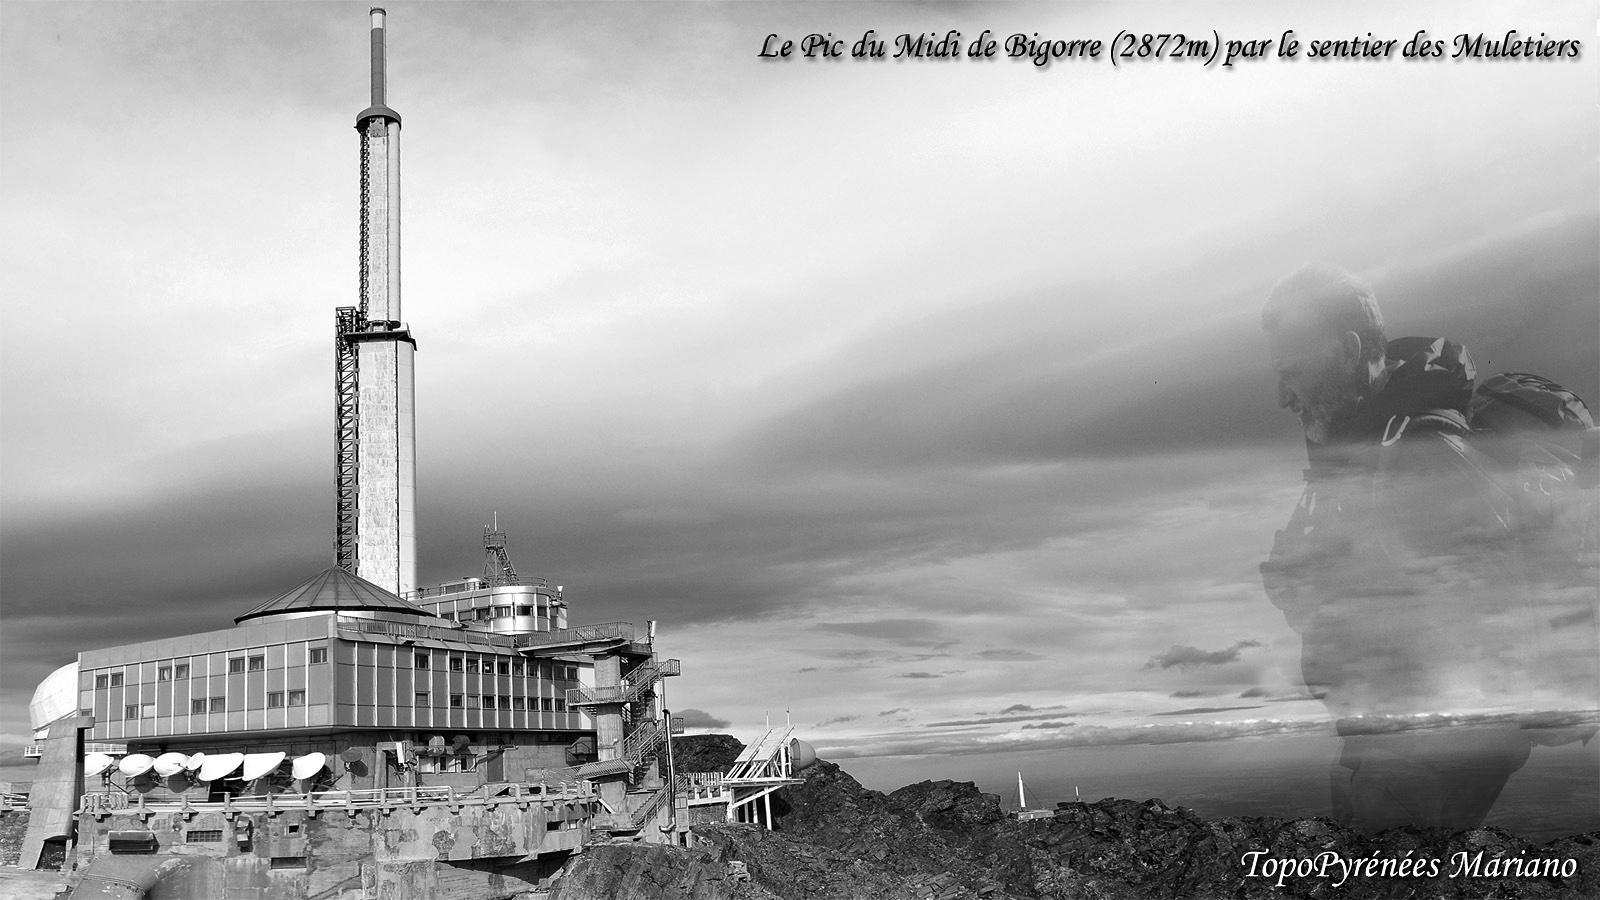 Pic du Midi de Bigorre (2872m) par le sentier des Muletiers